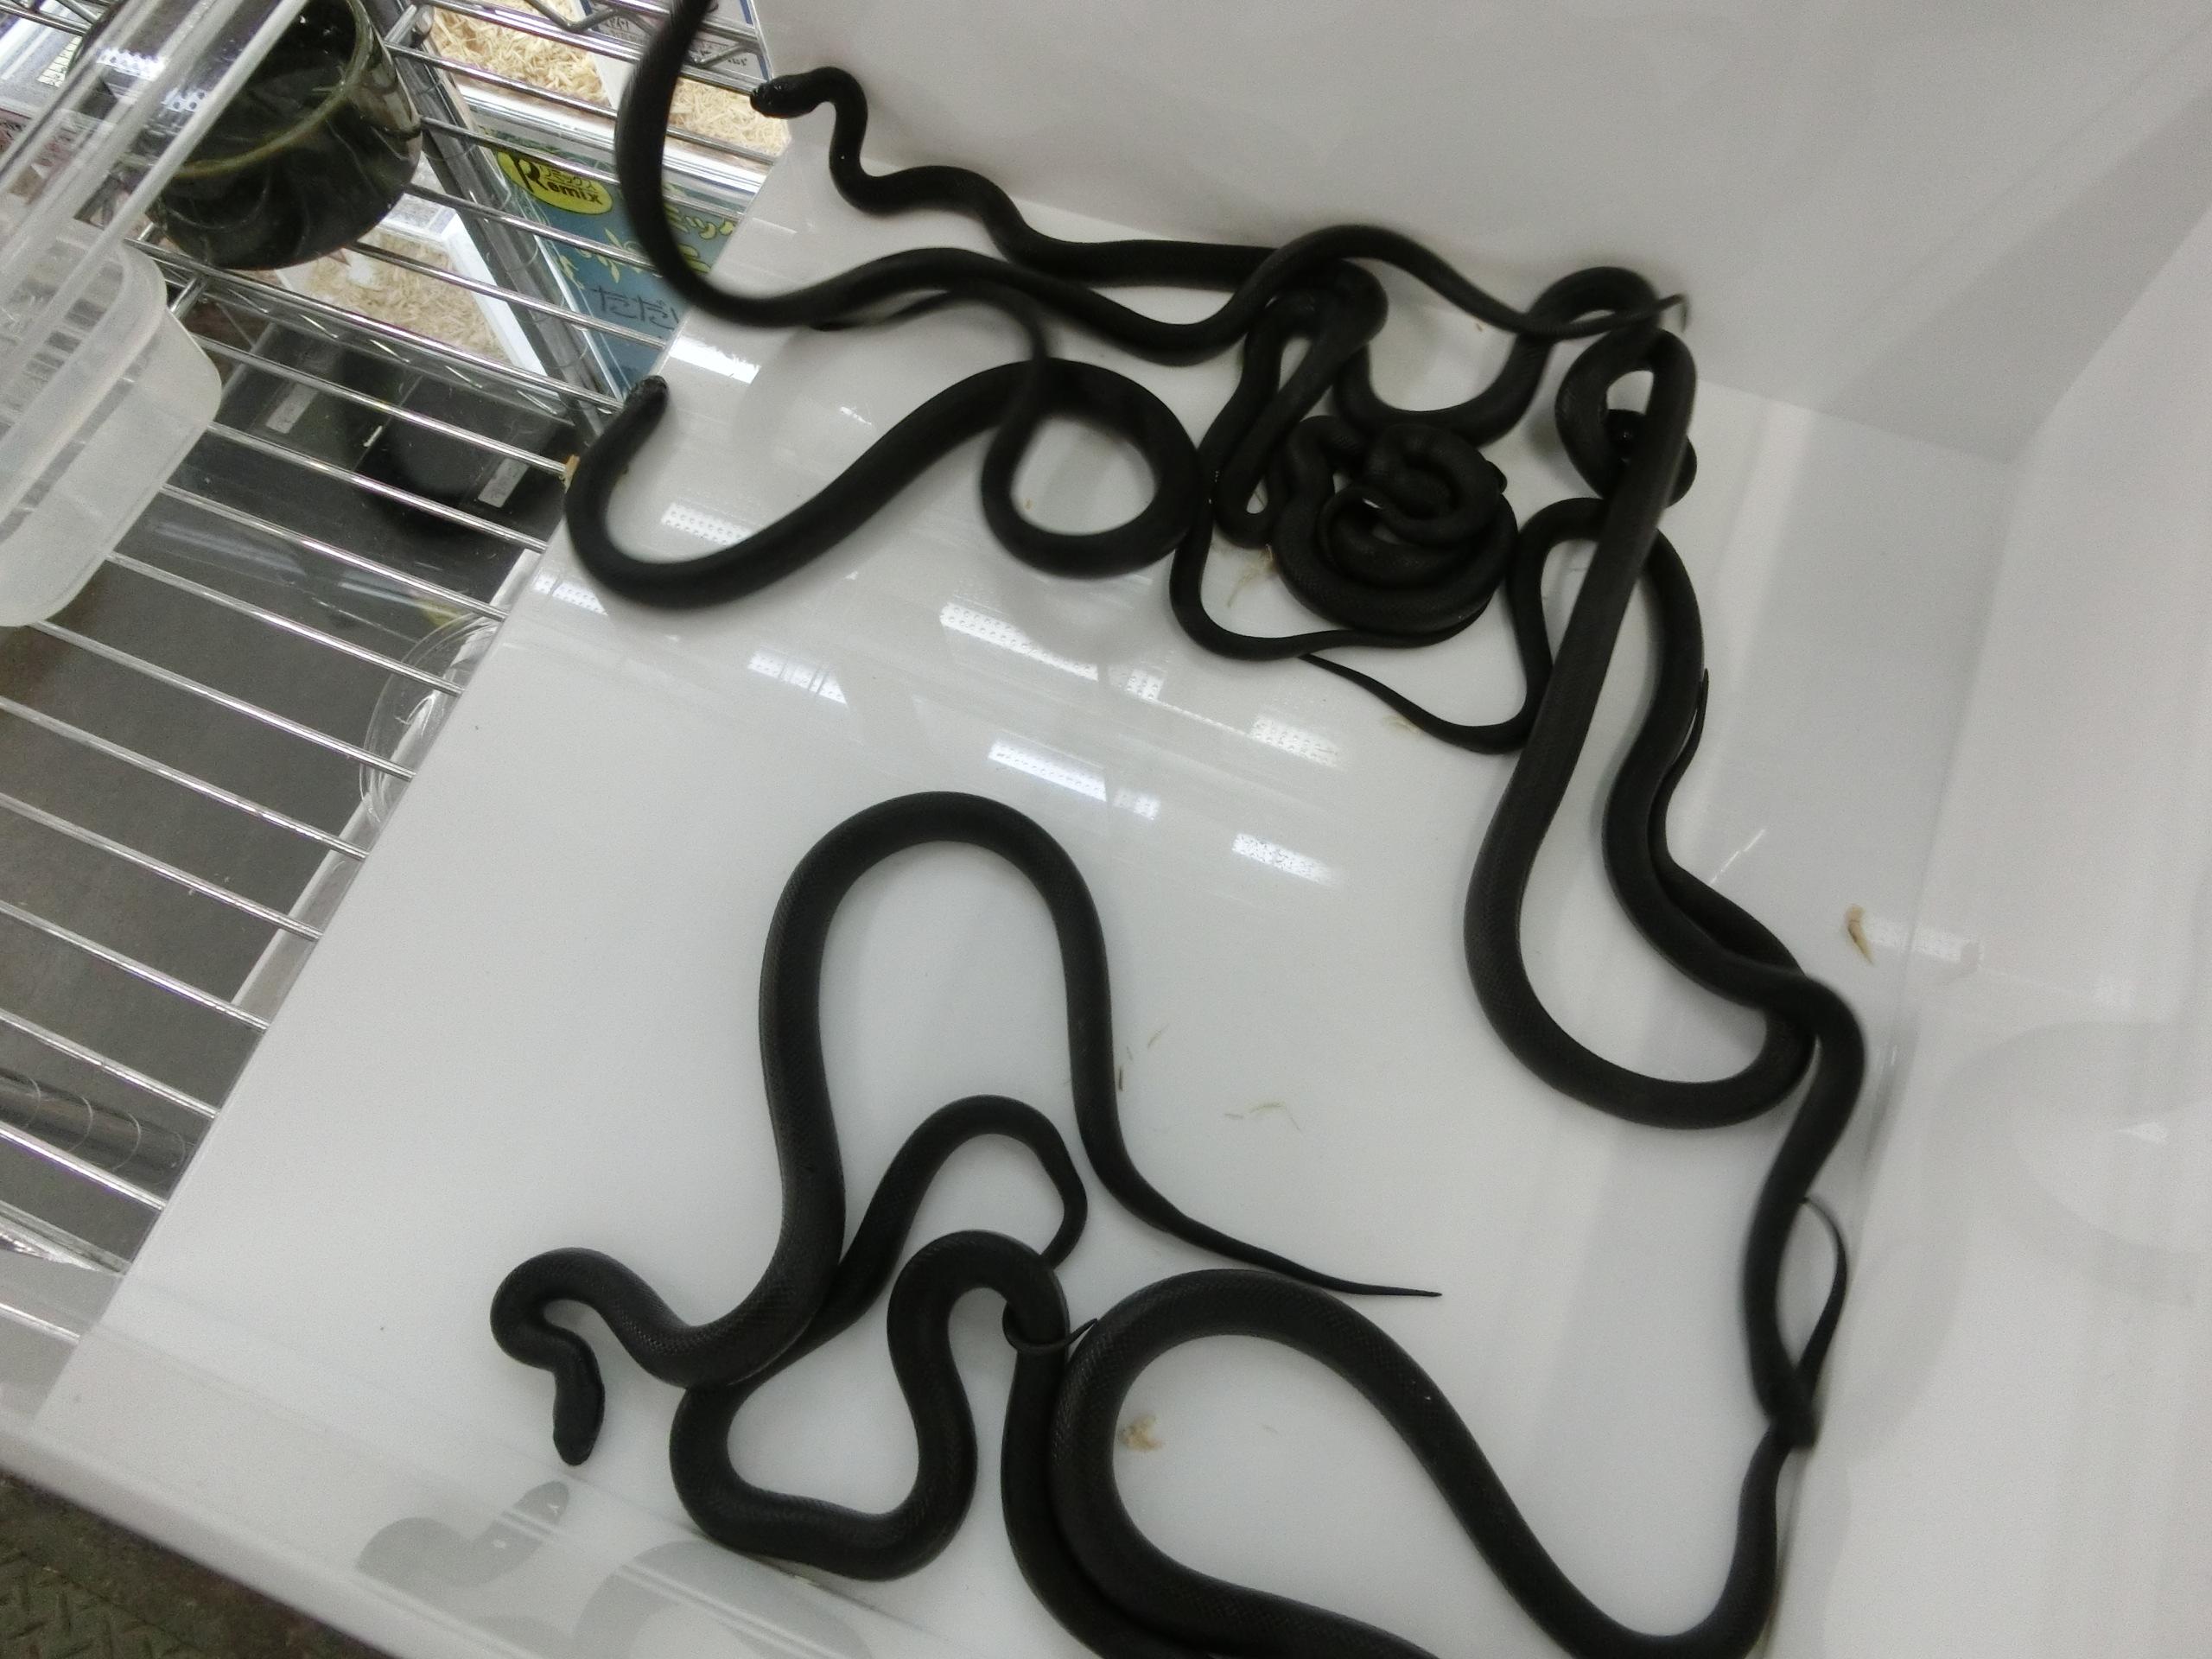 激烈!怒涛の新着入荷 漆黒の蛇もどっさりと ≪その①ヘビ編≫@みなとペポニ